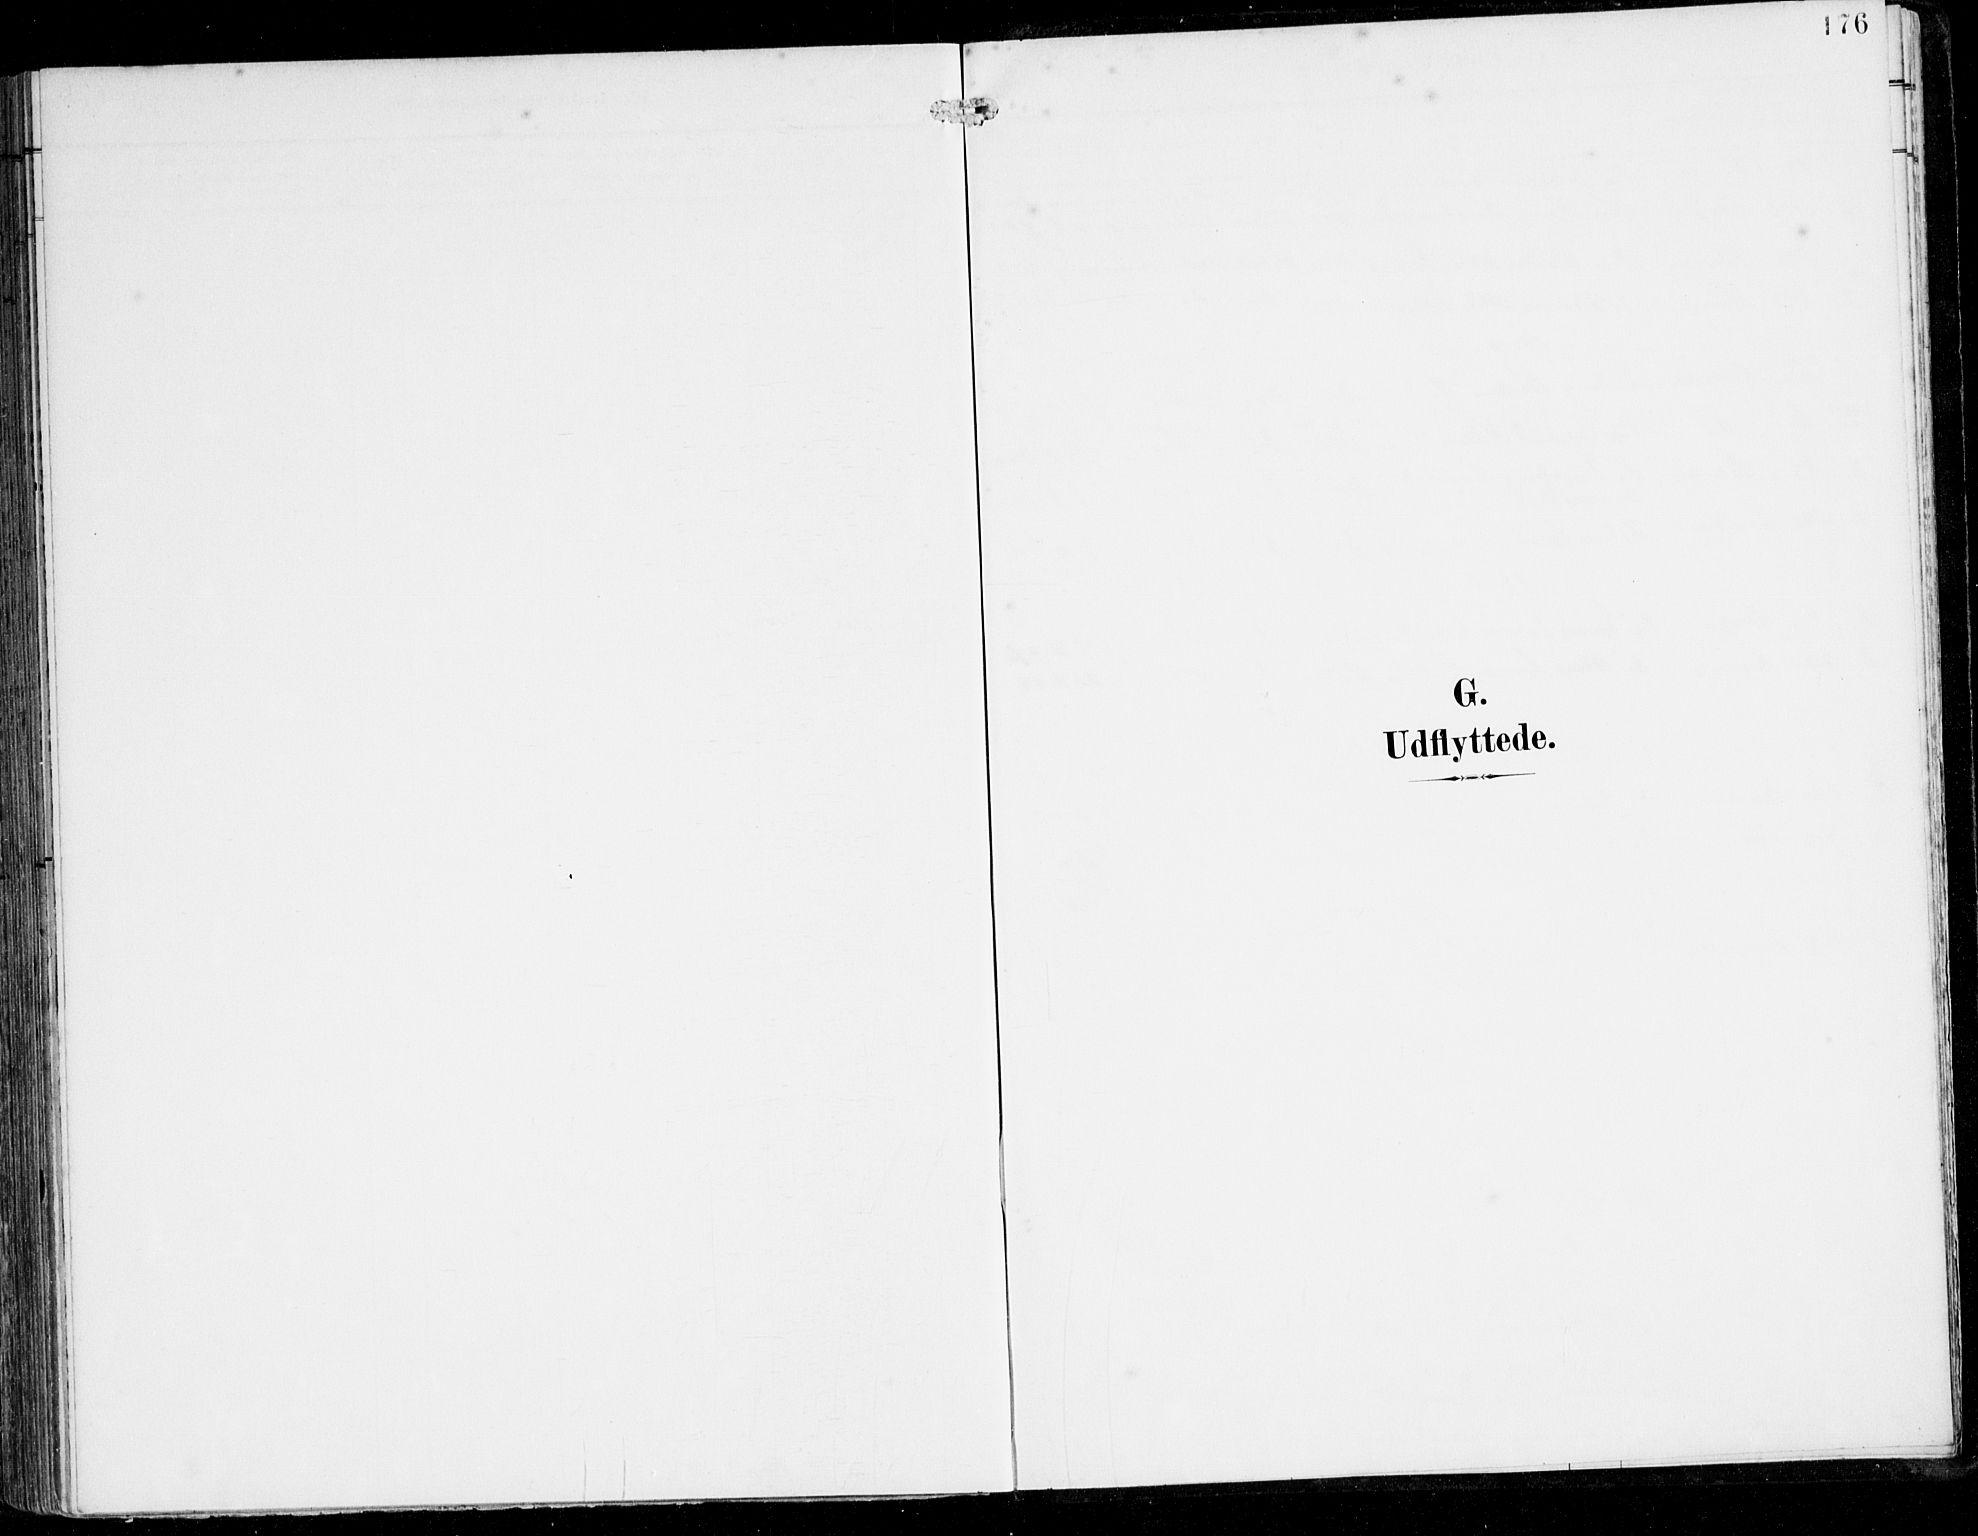 SAB, Alversund Sokneprestembete, H/Ha/Haa/Haaa/L0003: Ministerialbok nr. A 3, 1897-1926, s. 176